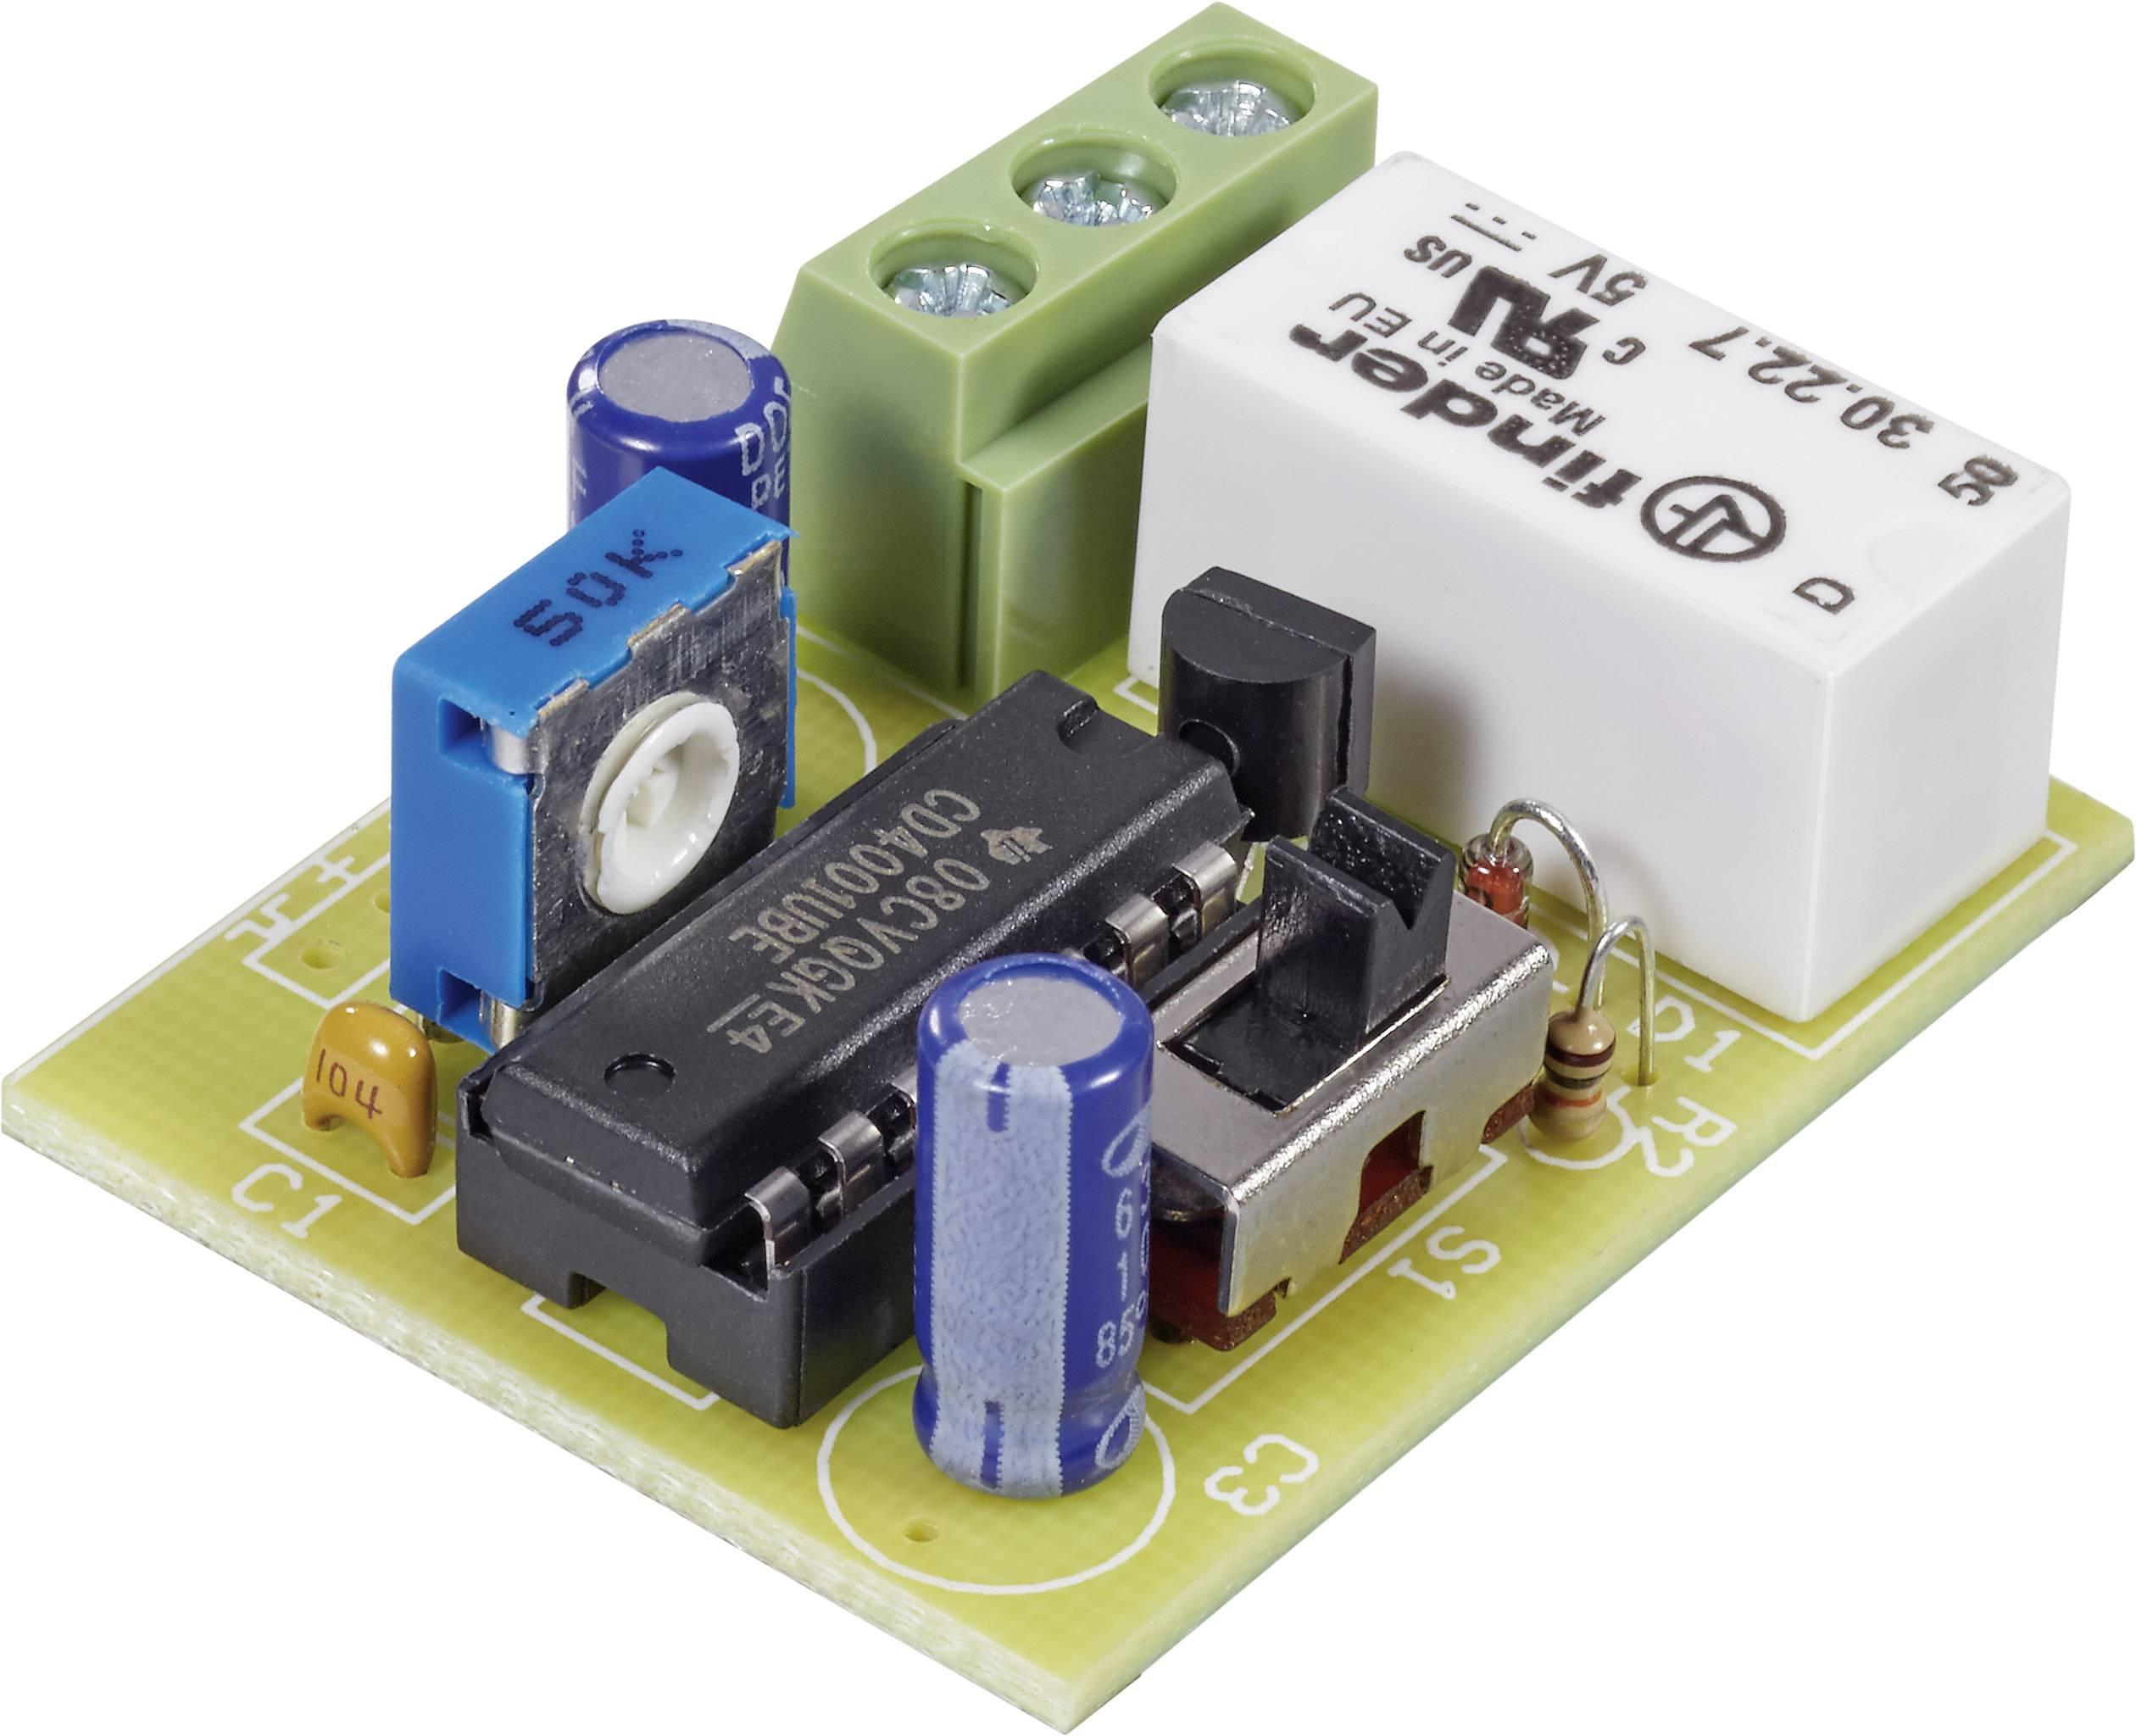 Miniatúrny elektronický prepínač okruhov 10120038